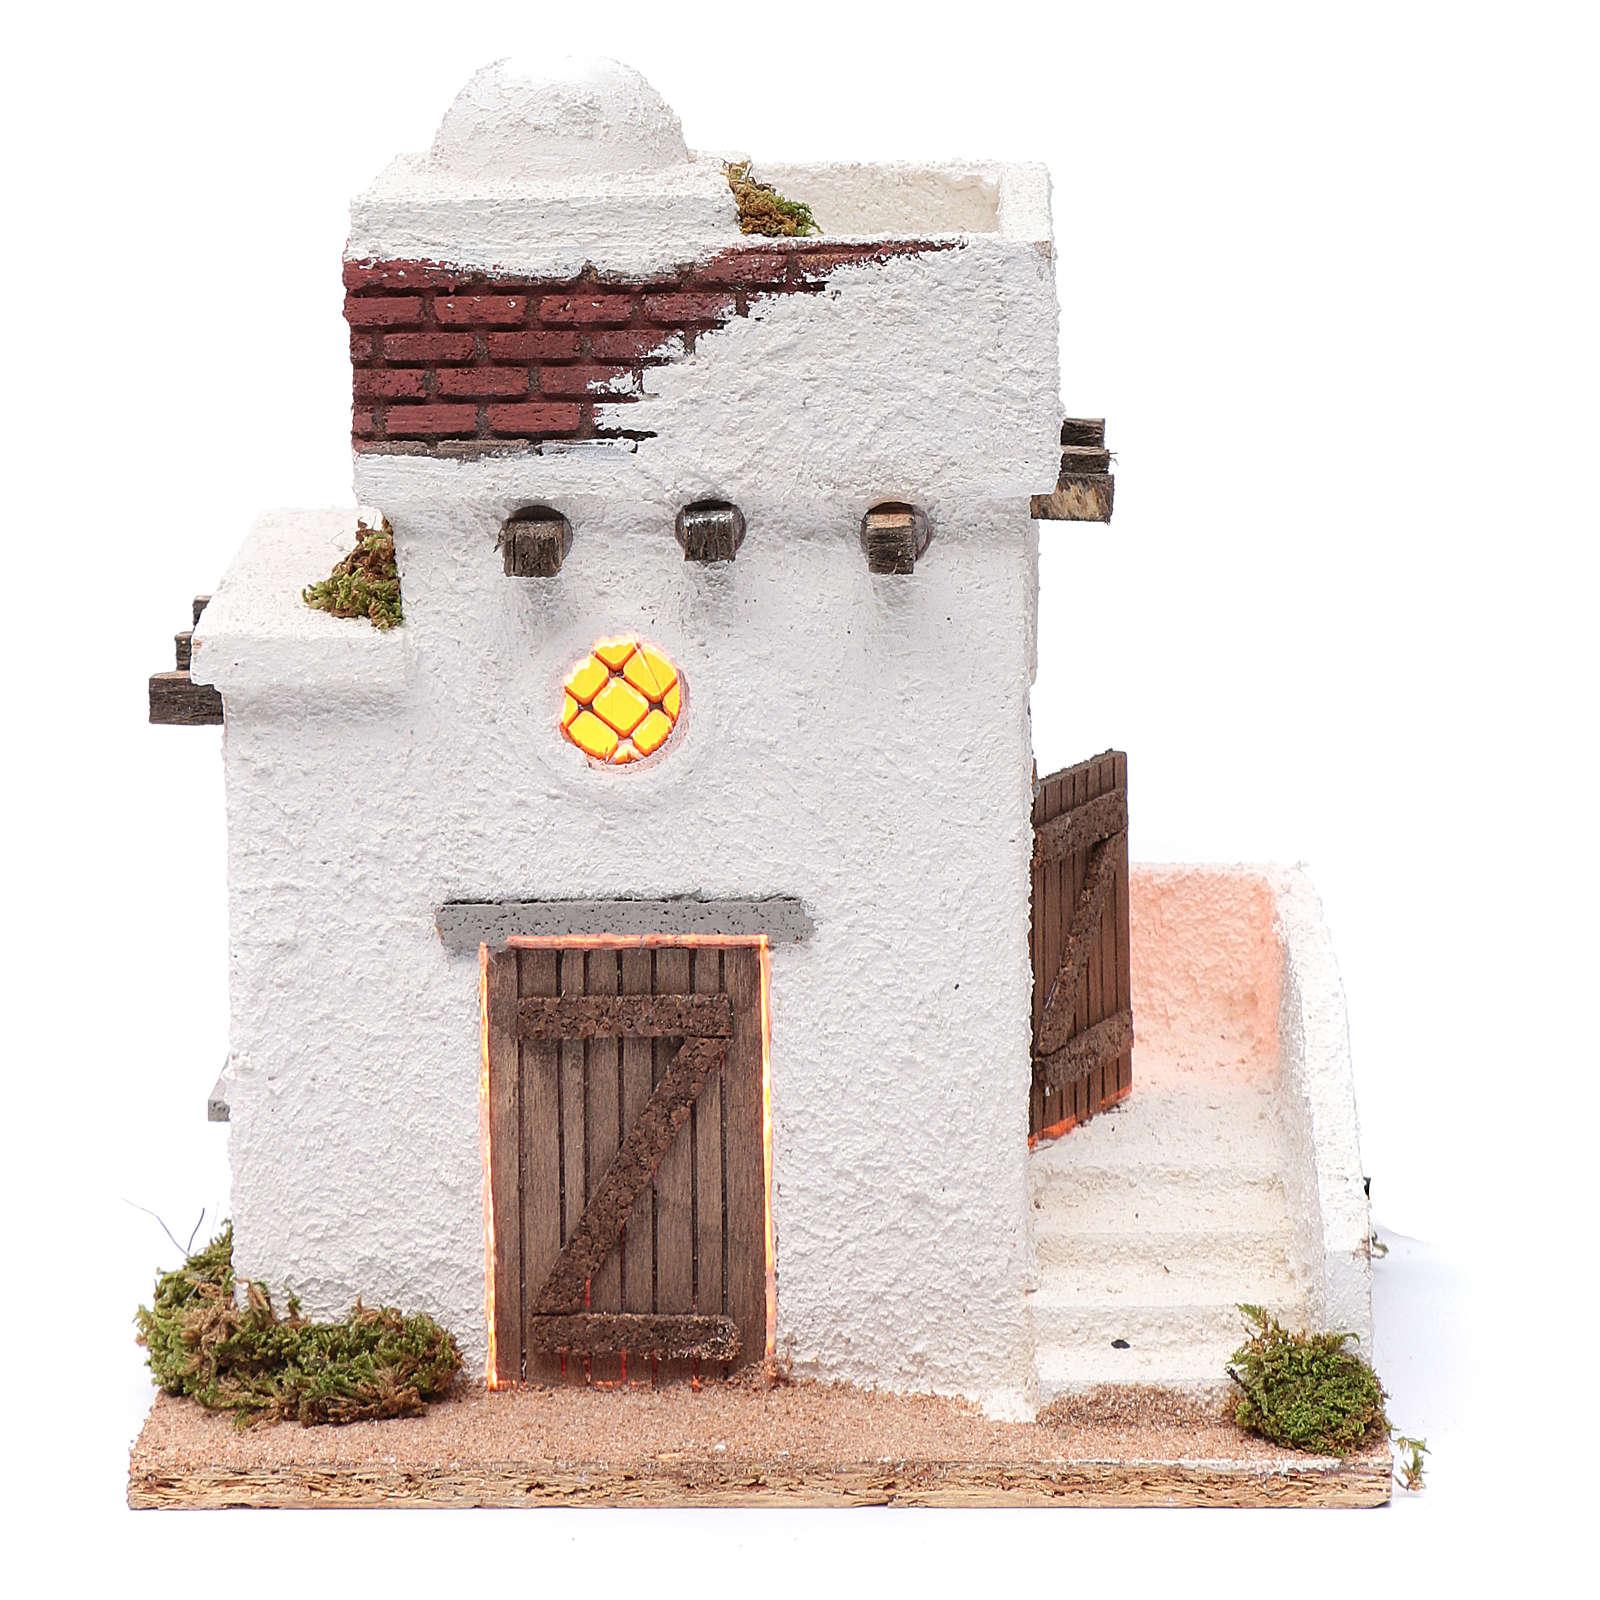 Casa araba porte in legno cupola e terrazzo 30x25x20 cm presepe napoletano 4